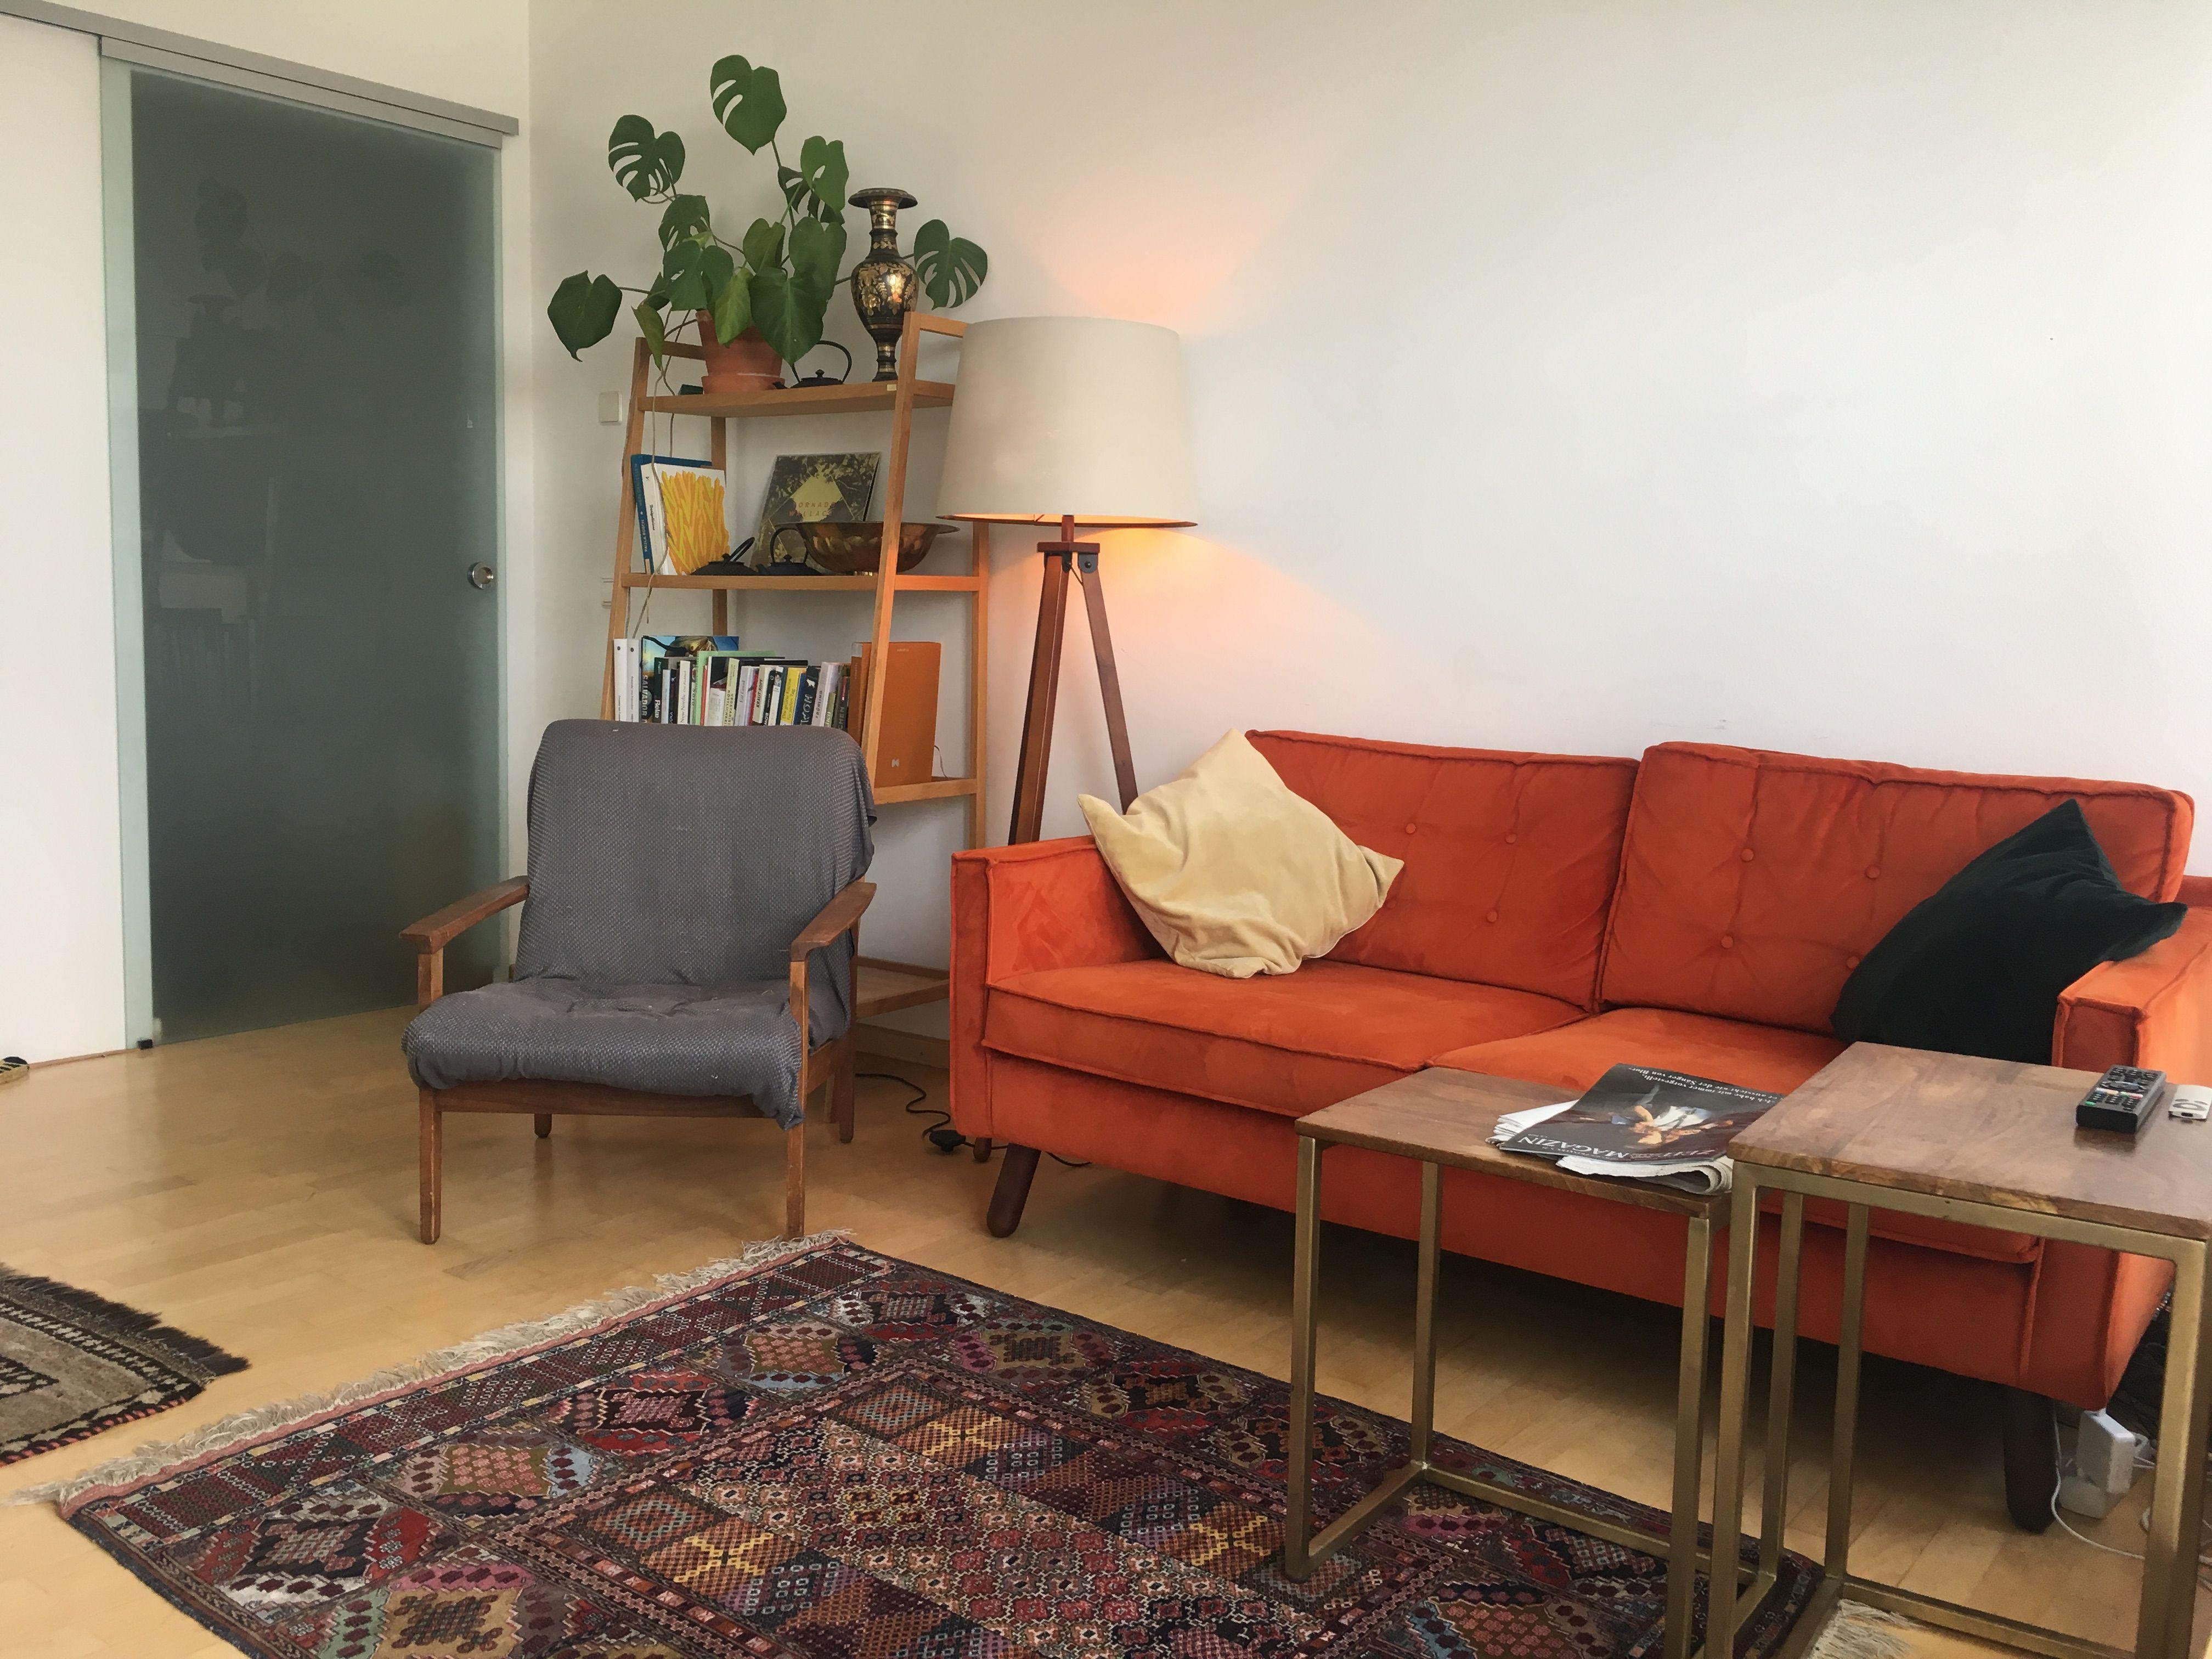 In #Berlin steht dieses rostrote #Sofa im #Wohnzimmer. Die ...